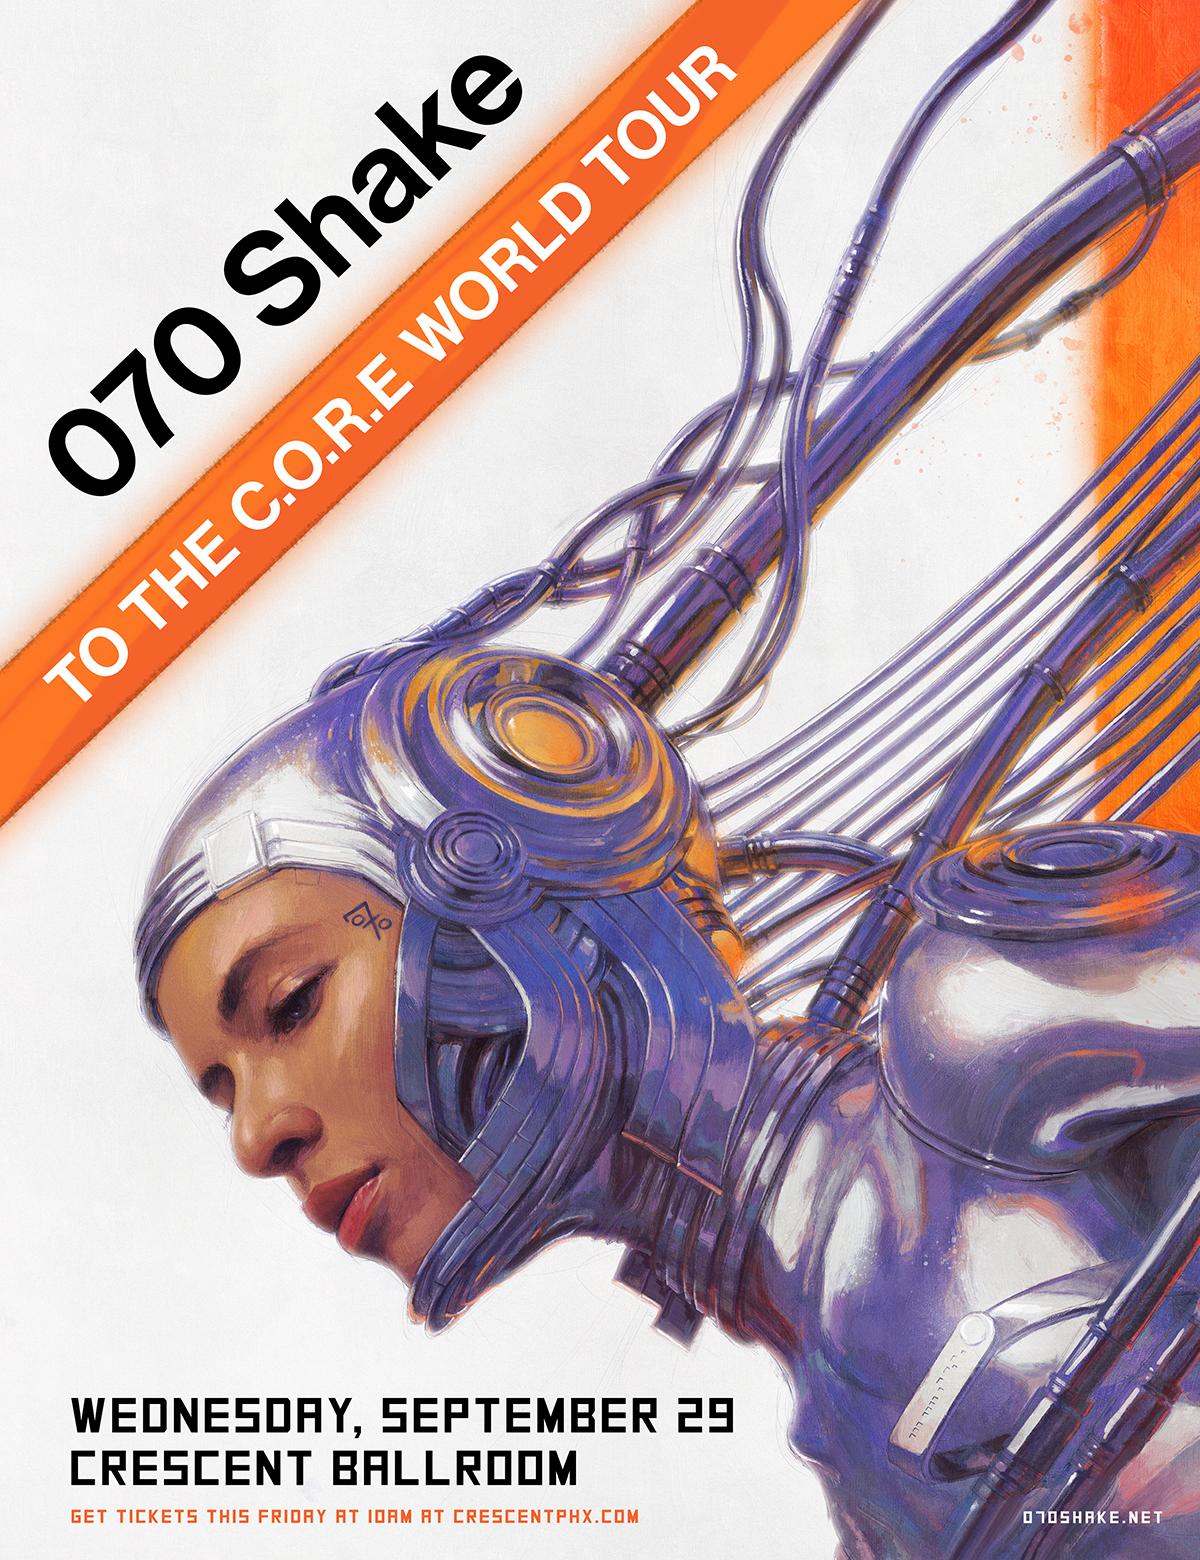 070 Shake: To The C.O.R.E. World Tour